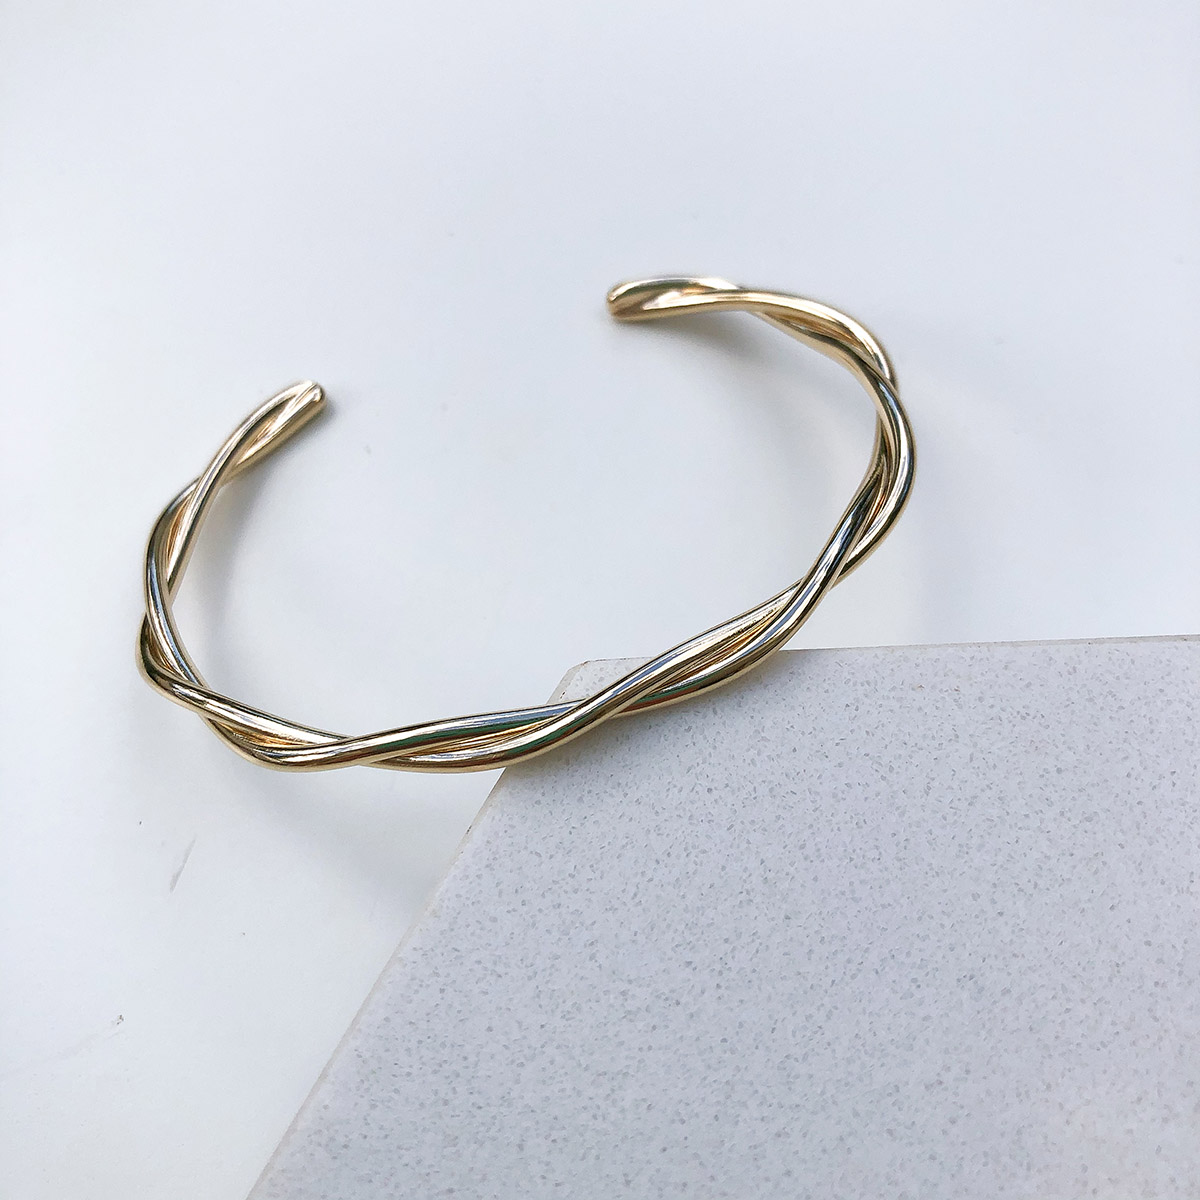 Bracelete Banhado a Ouro 18k Torcido